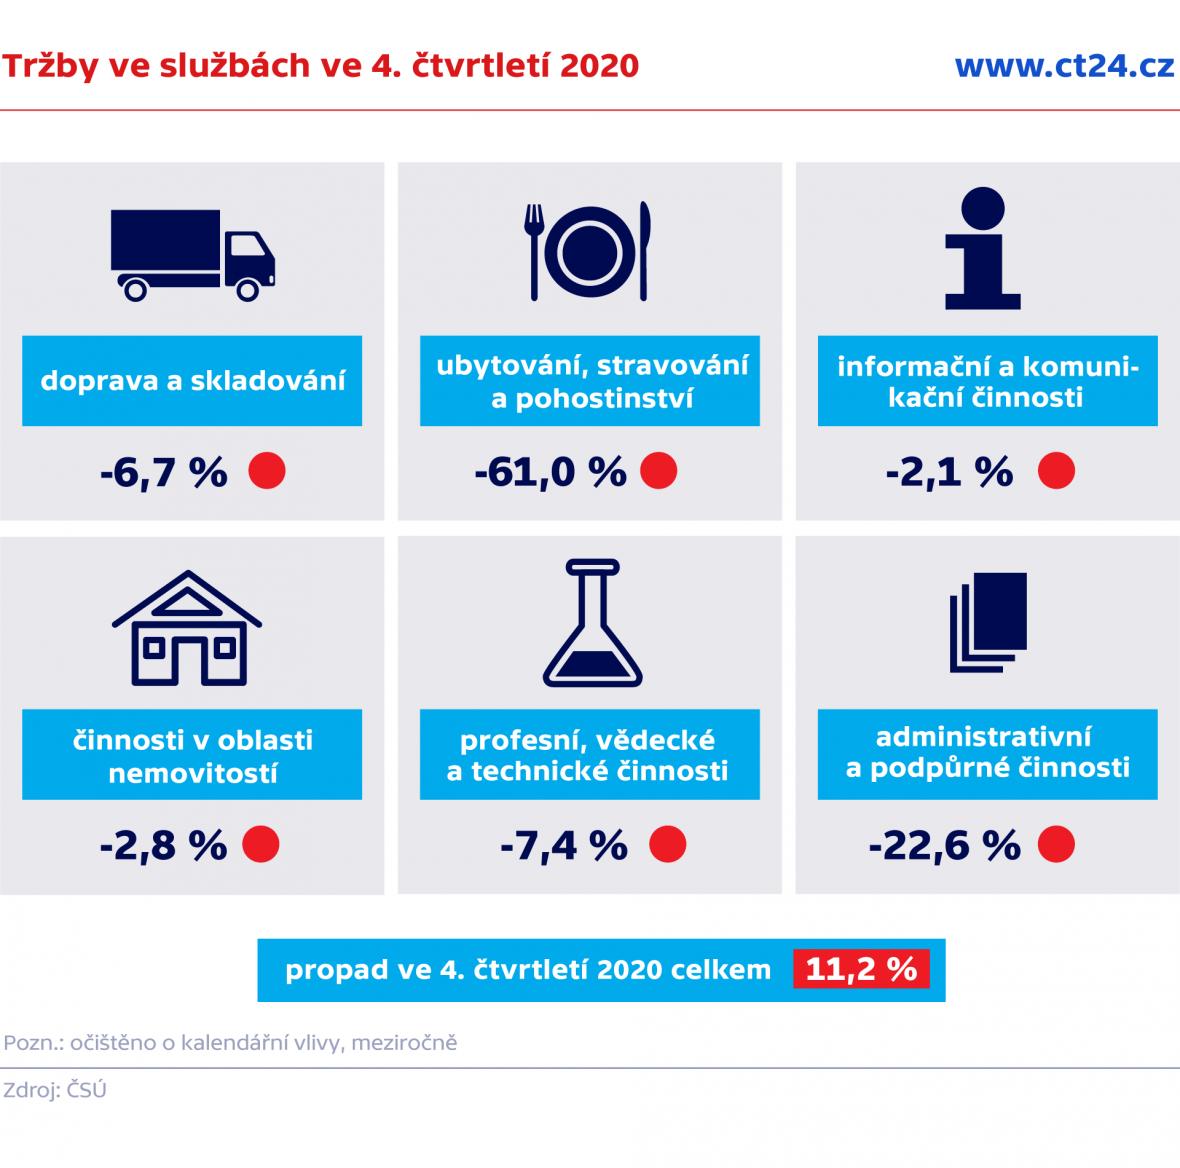 Tržby ve službách ve 4. čtvrtletí 2020